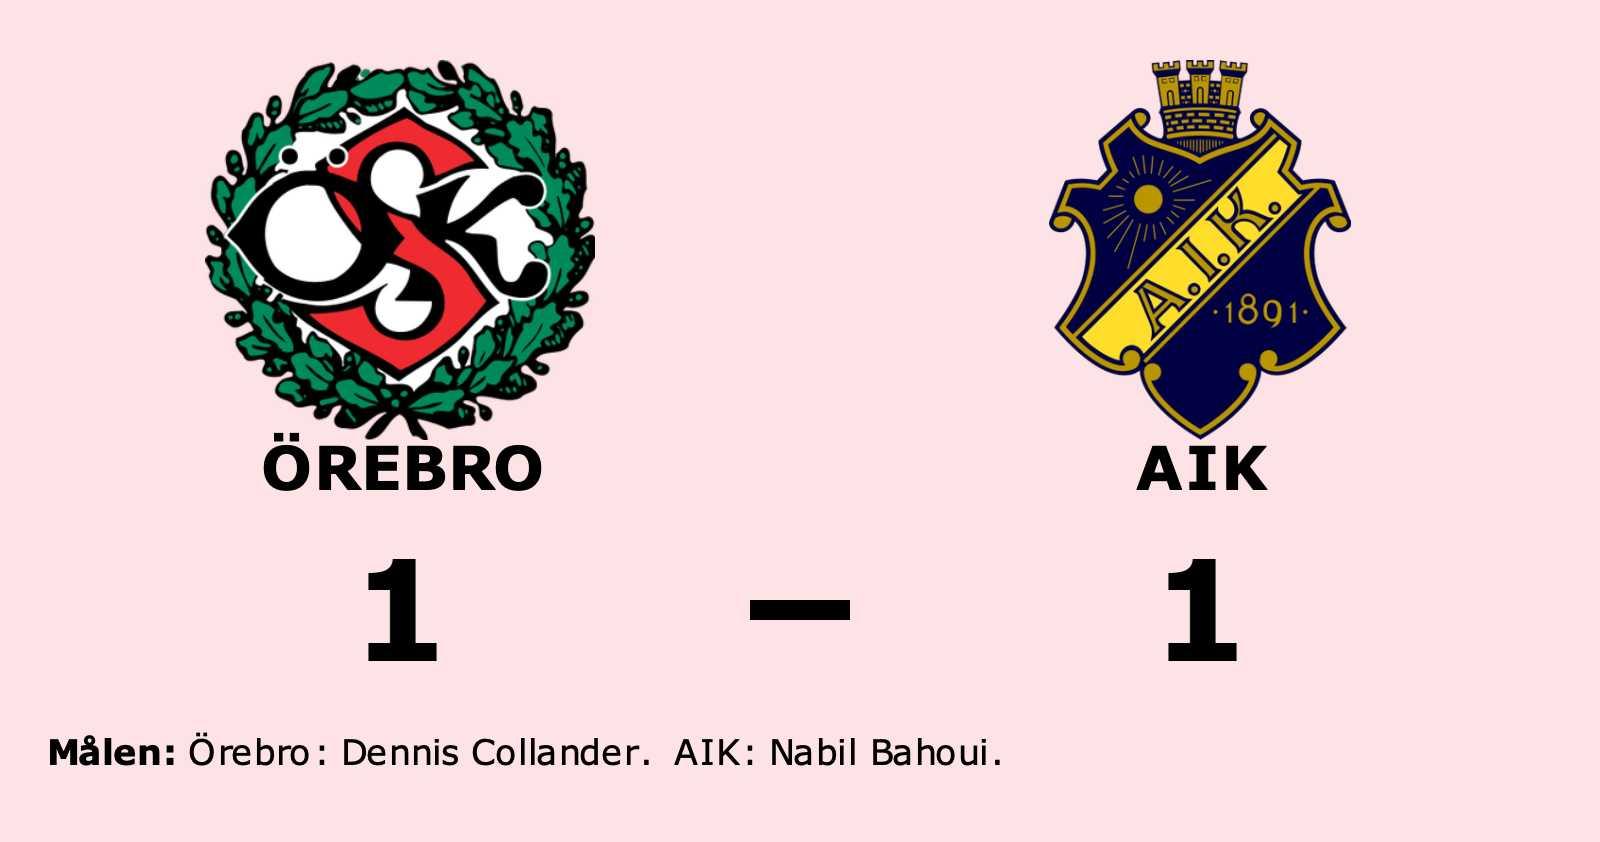 Nabil Bahoui räddade poäng när AIK kryssade